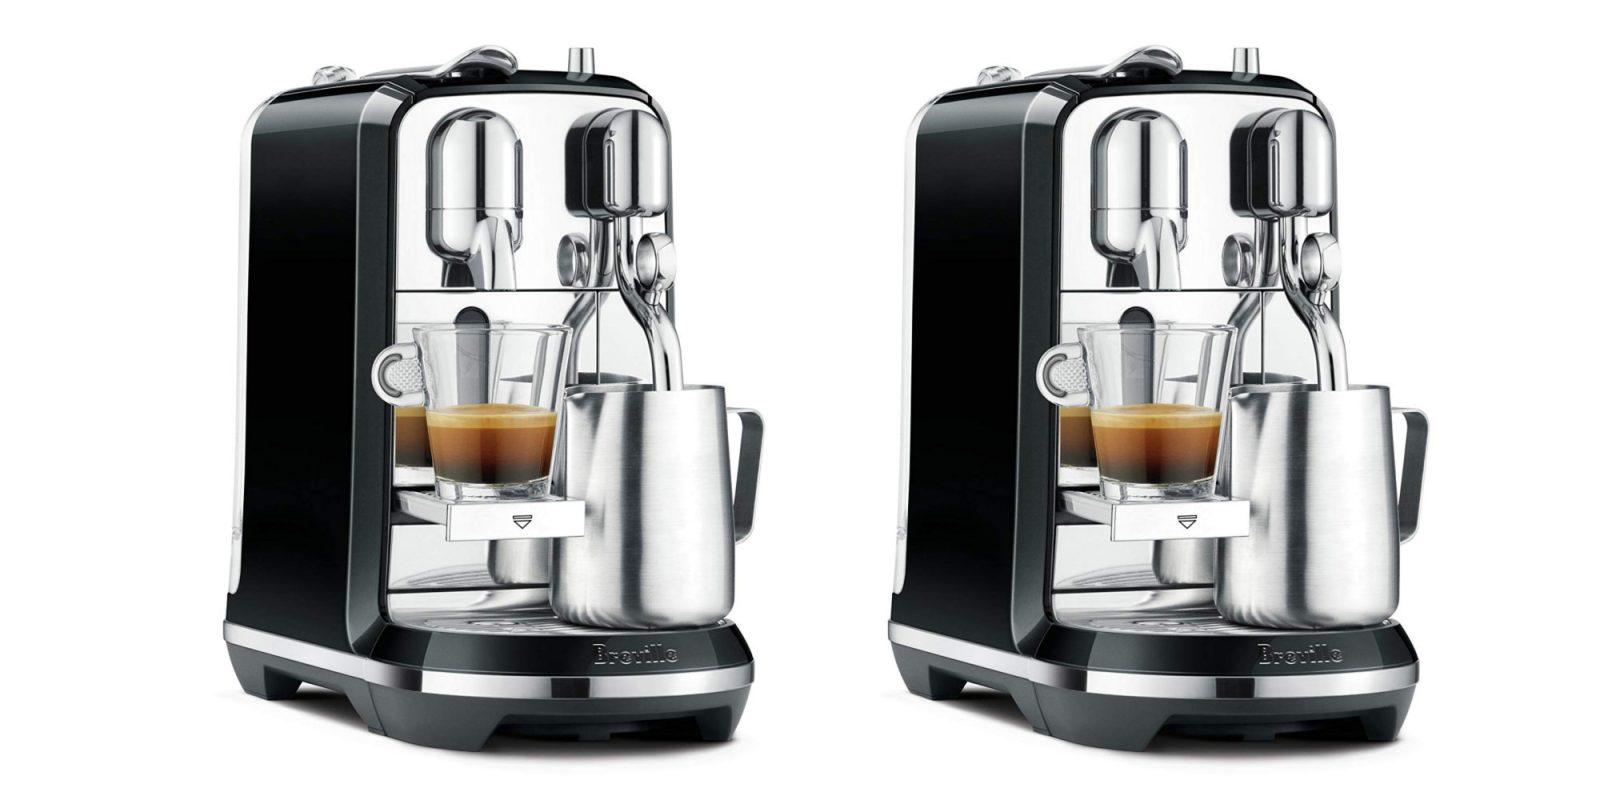 Add a Breville Single Serve Espresso Machine to your arsenal: $228 (Reg. $330)